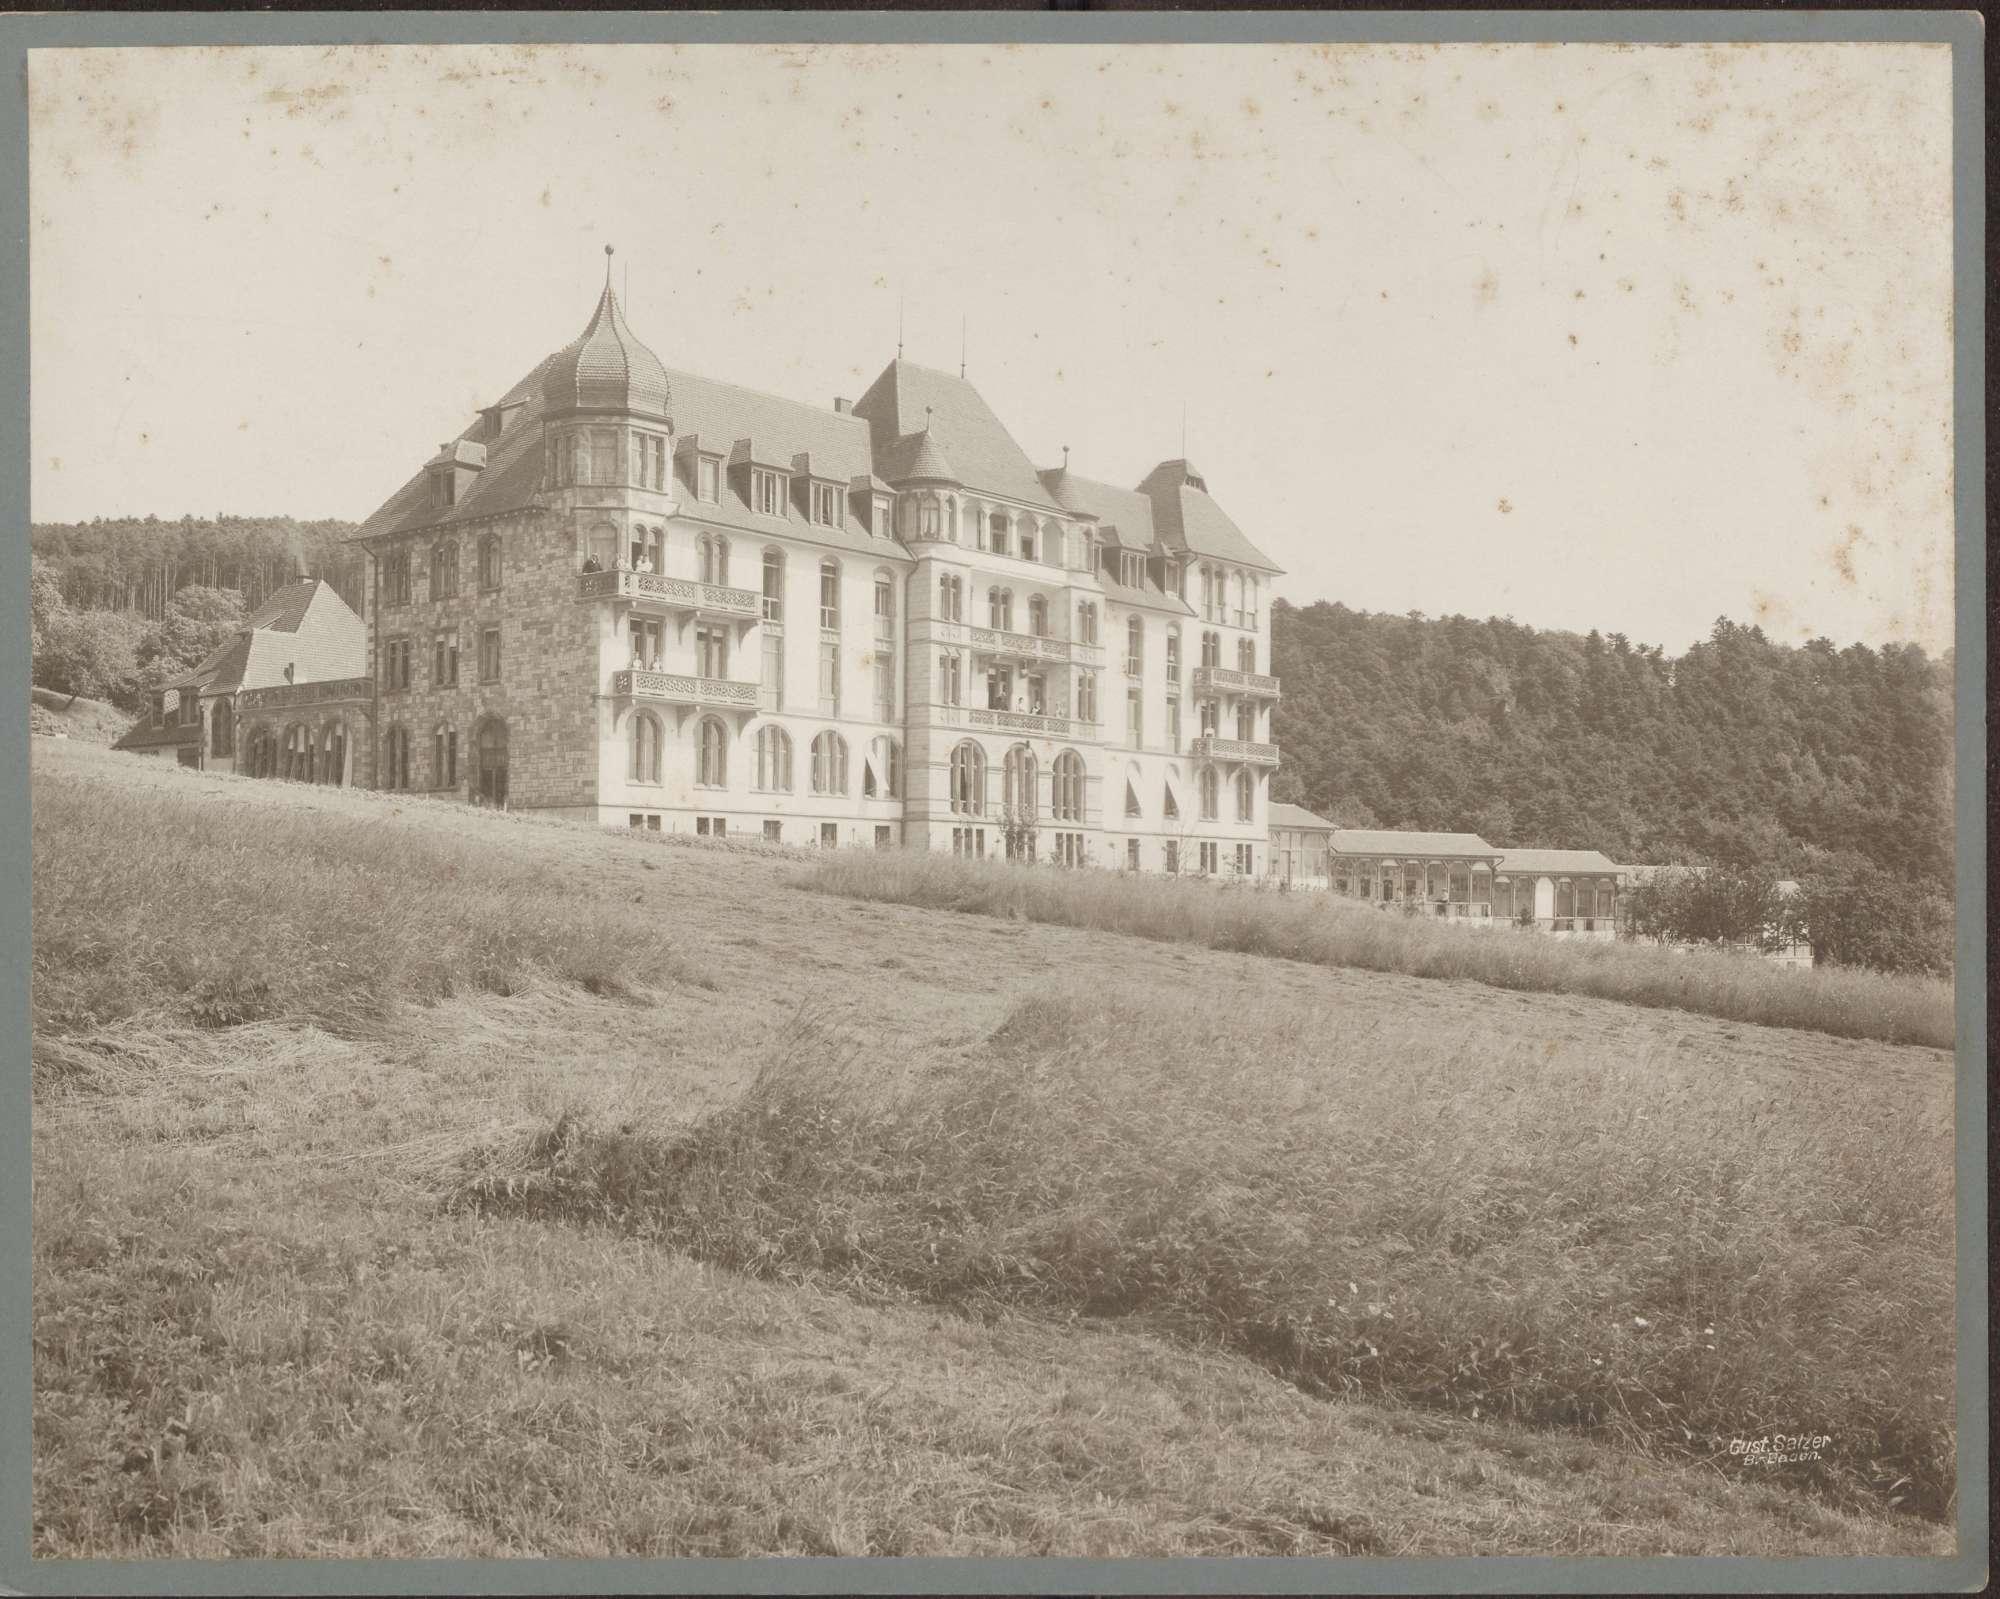 Baden-Baden, Ebersteinburg, Dr. Rumpfs Sanatorium, Liegehallen nach Süden., Bild 1